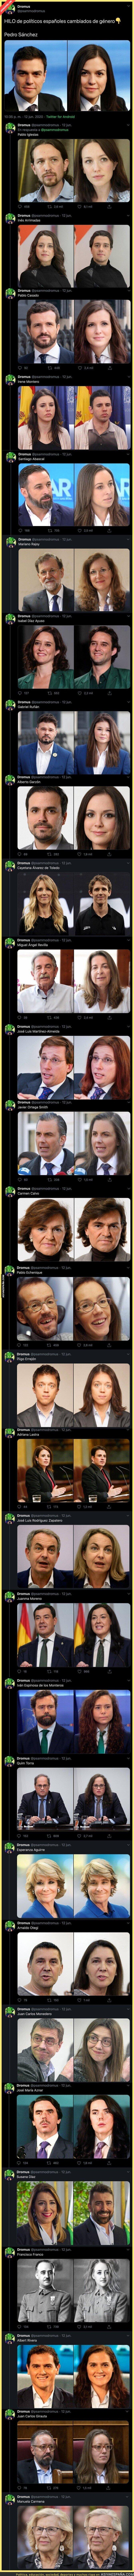 224525 - Este tuitero revoluciona internet subiendo las fotos de como sería la imagen de nuestros políticos con su género opuesto